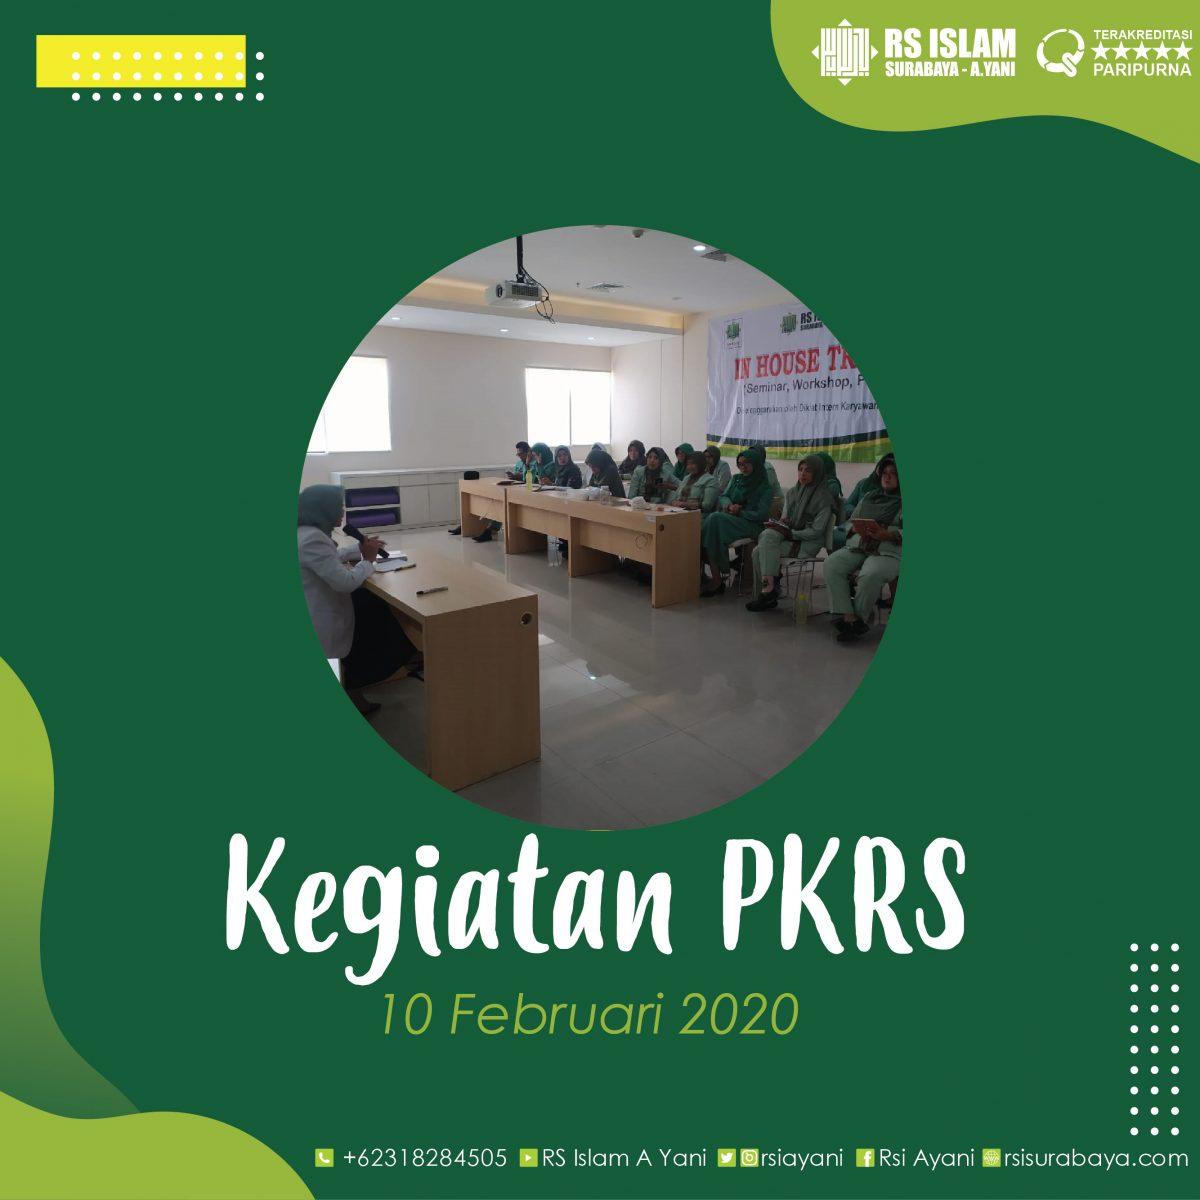 kegiatan-pkrs-01-01-01-01-1200x1200.jpg